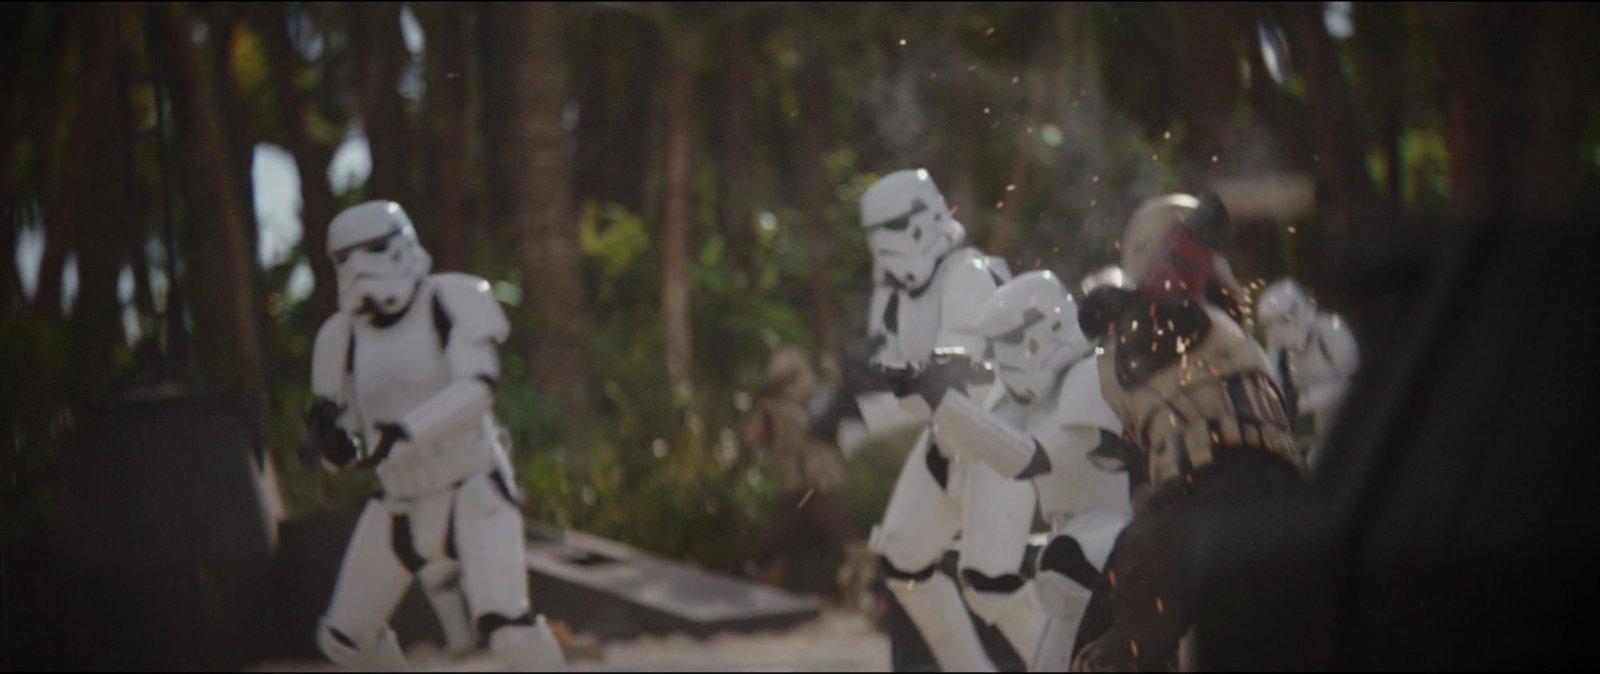 rogue-one-movie-screencaps.com-11362.jpg